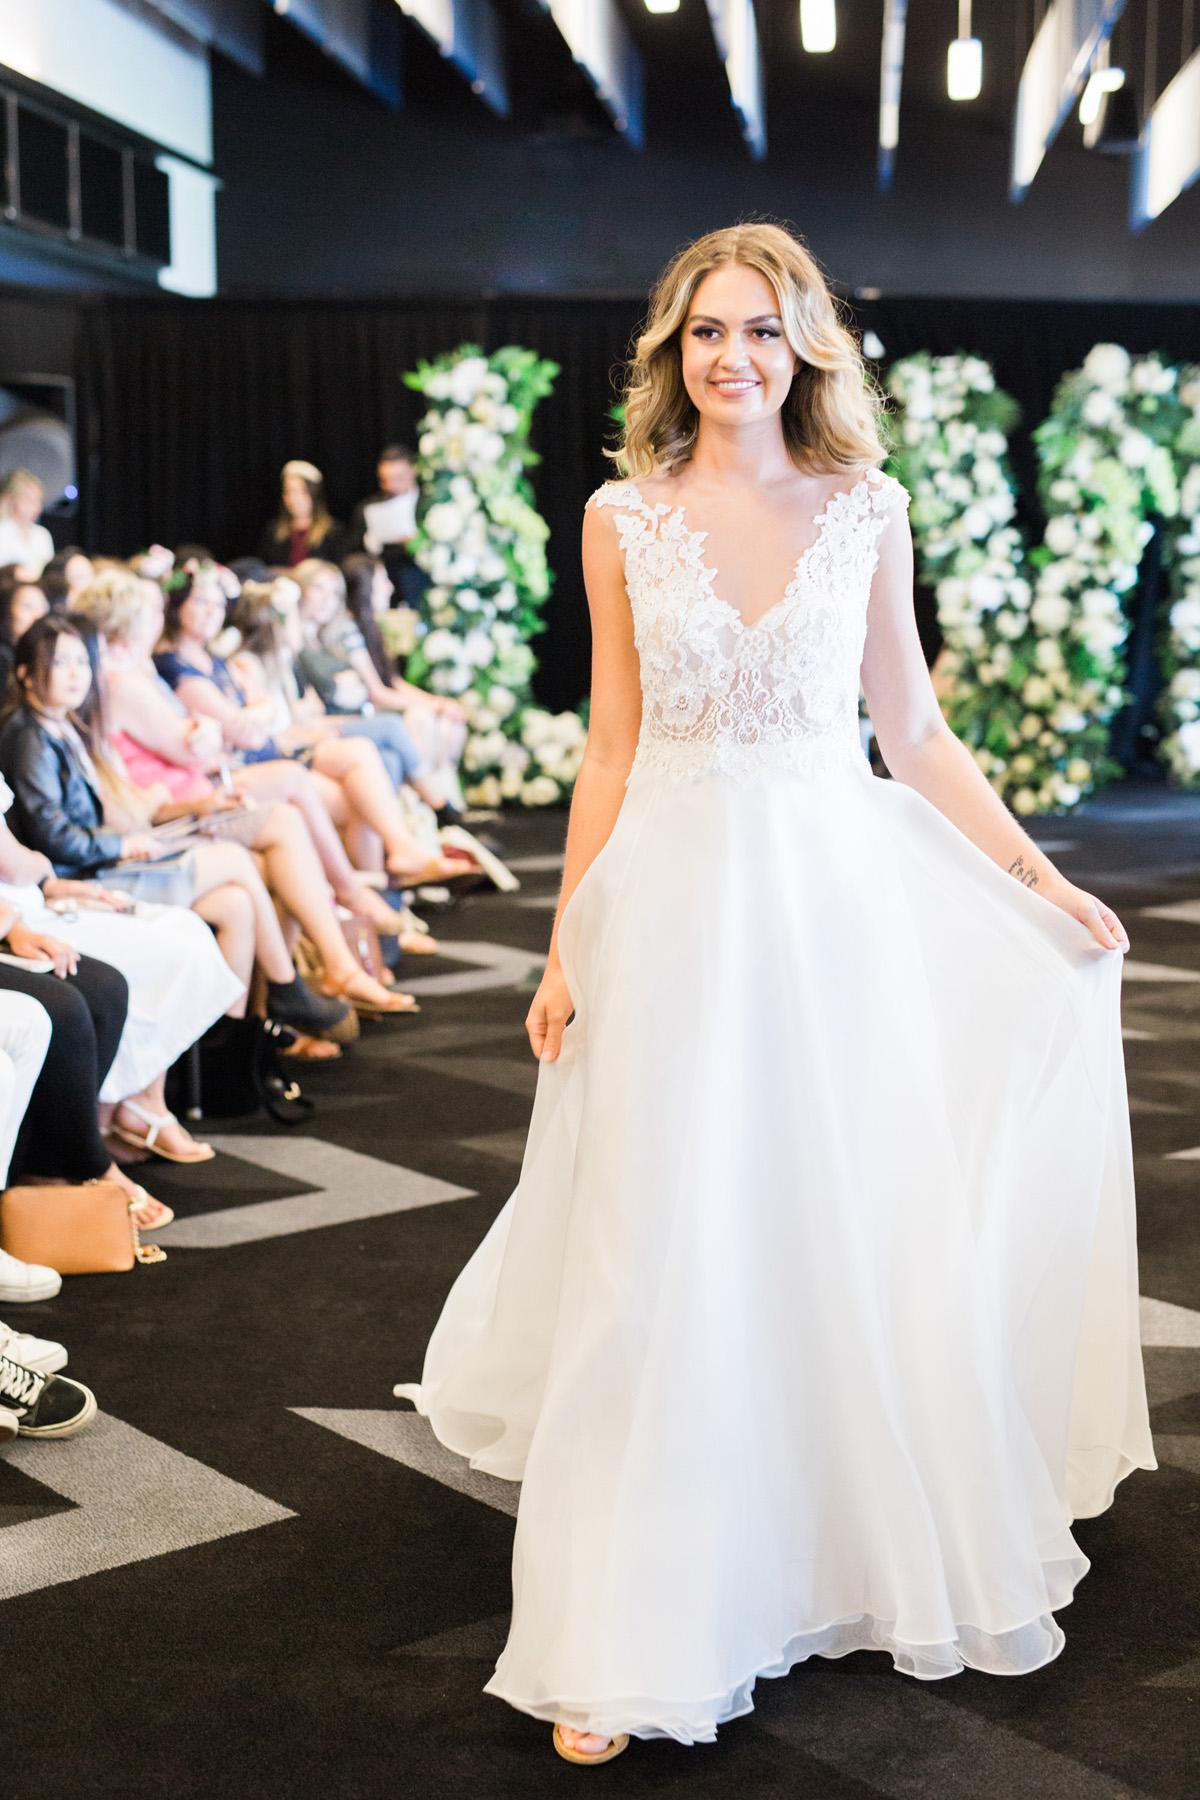 Love-Wedding-Festival-Sydney-Wedding-Gown-Angela-Osagie-3.jpg